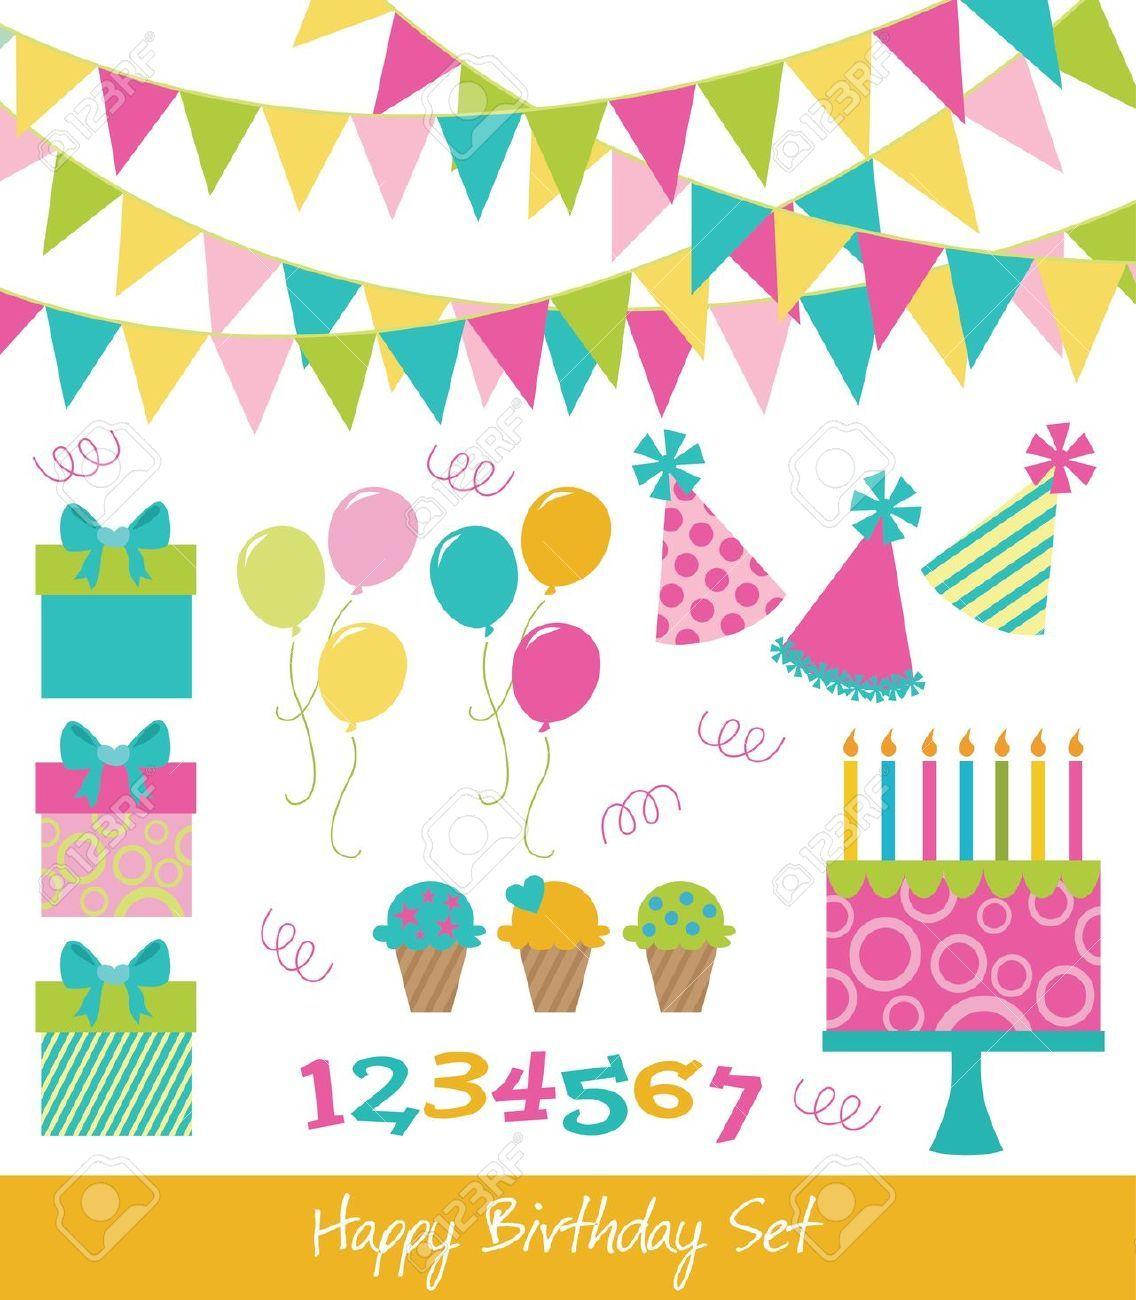 Happy Birthday Images Hombres ~ Letras de happy birthday para hombre buscar con google dibujos pinterest searching